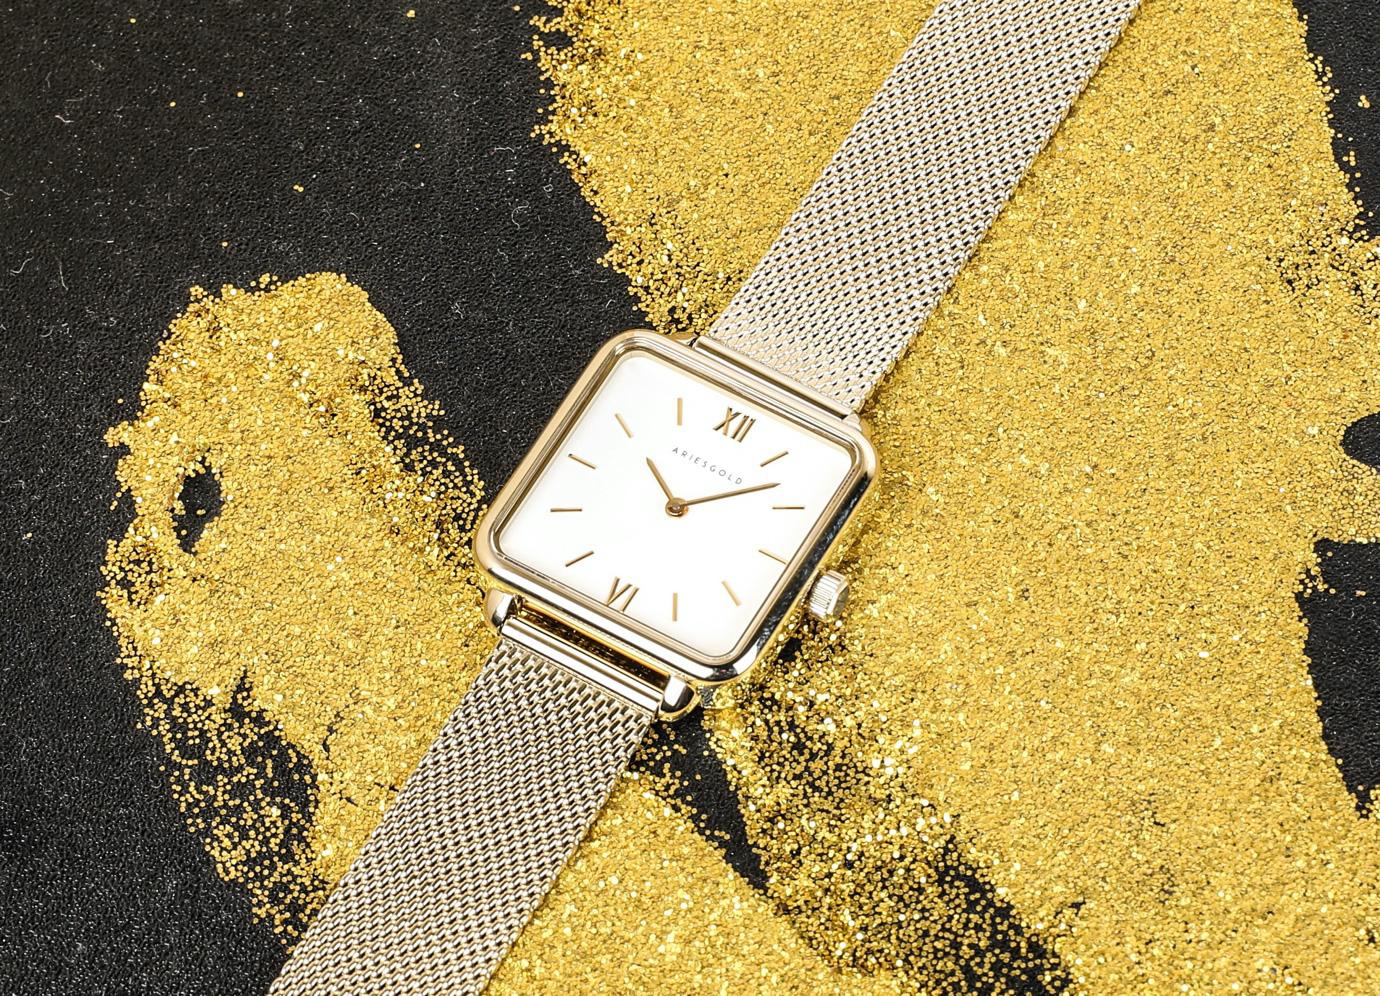 Sành điệu mùa lễ hội với đồng hồ, kính mắt chính hãng ưu đãi lên đến 50% tại Đăng Quang Watch - Ảnh 2.